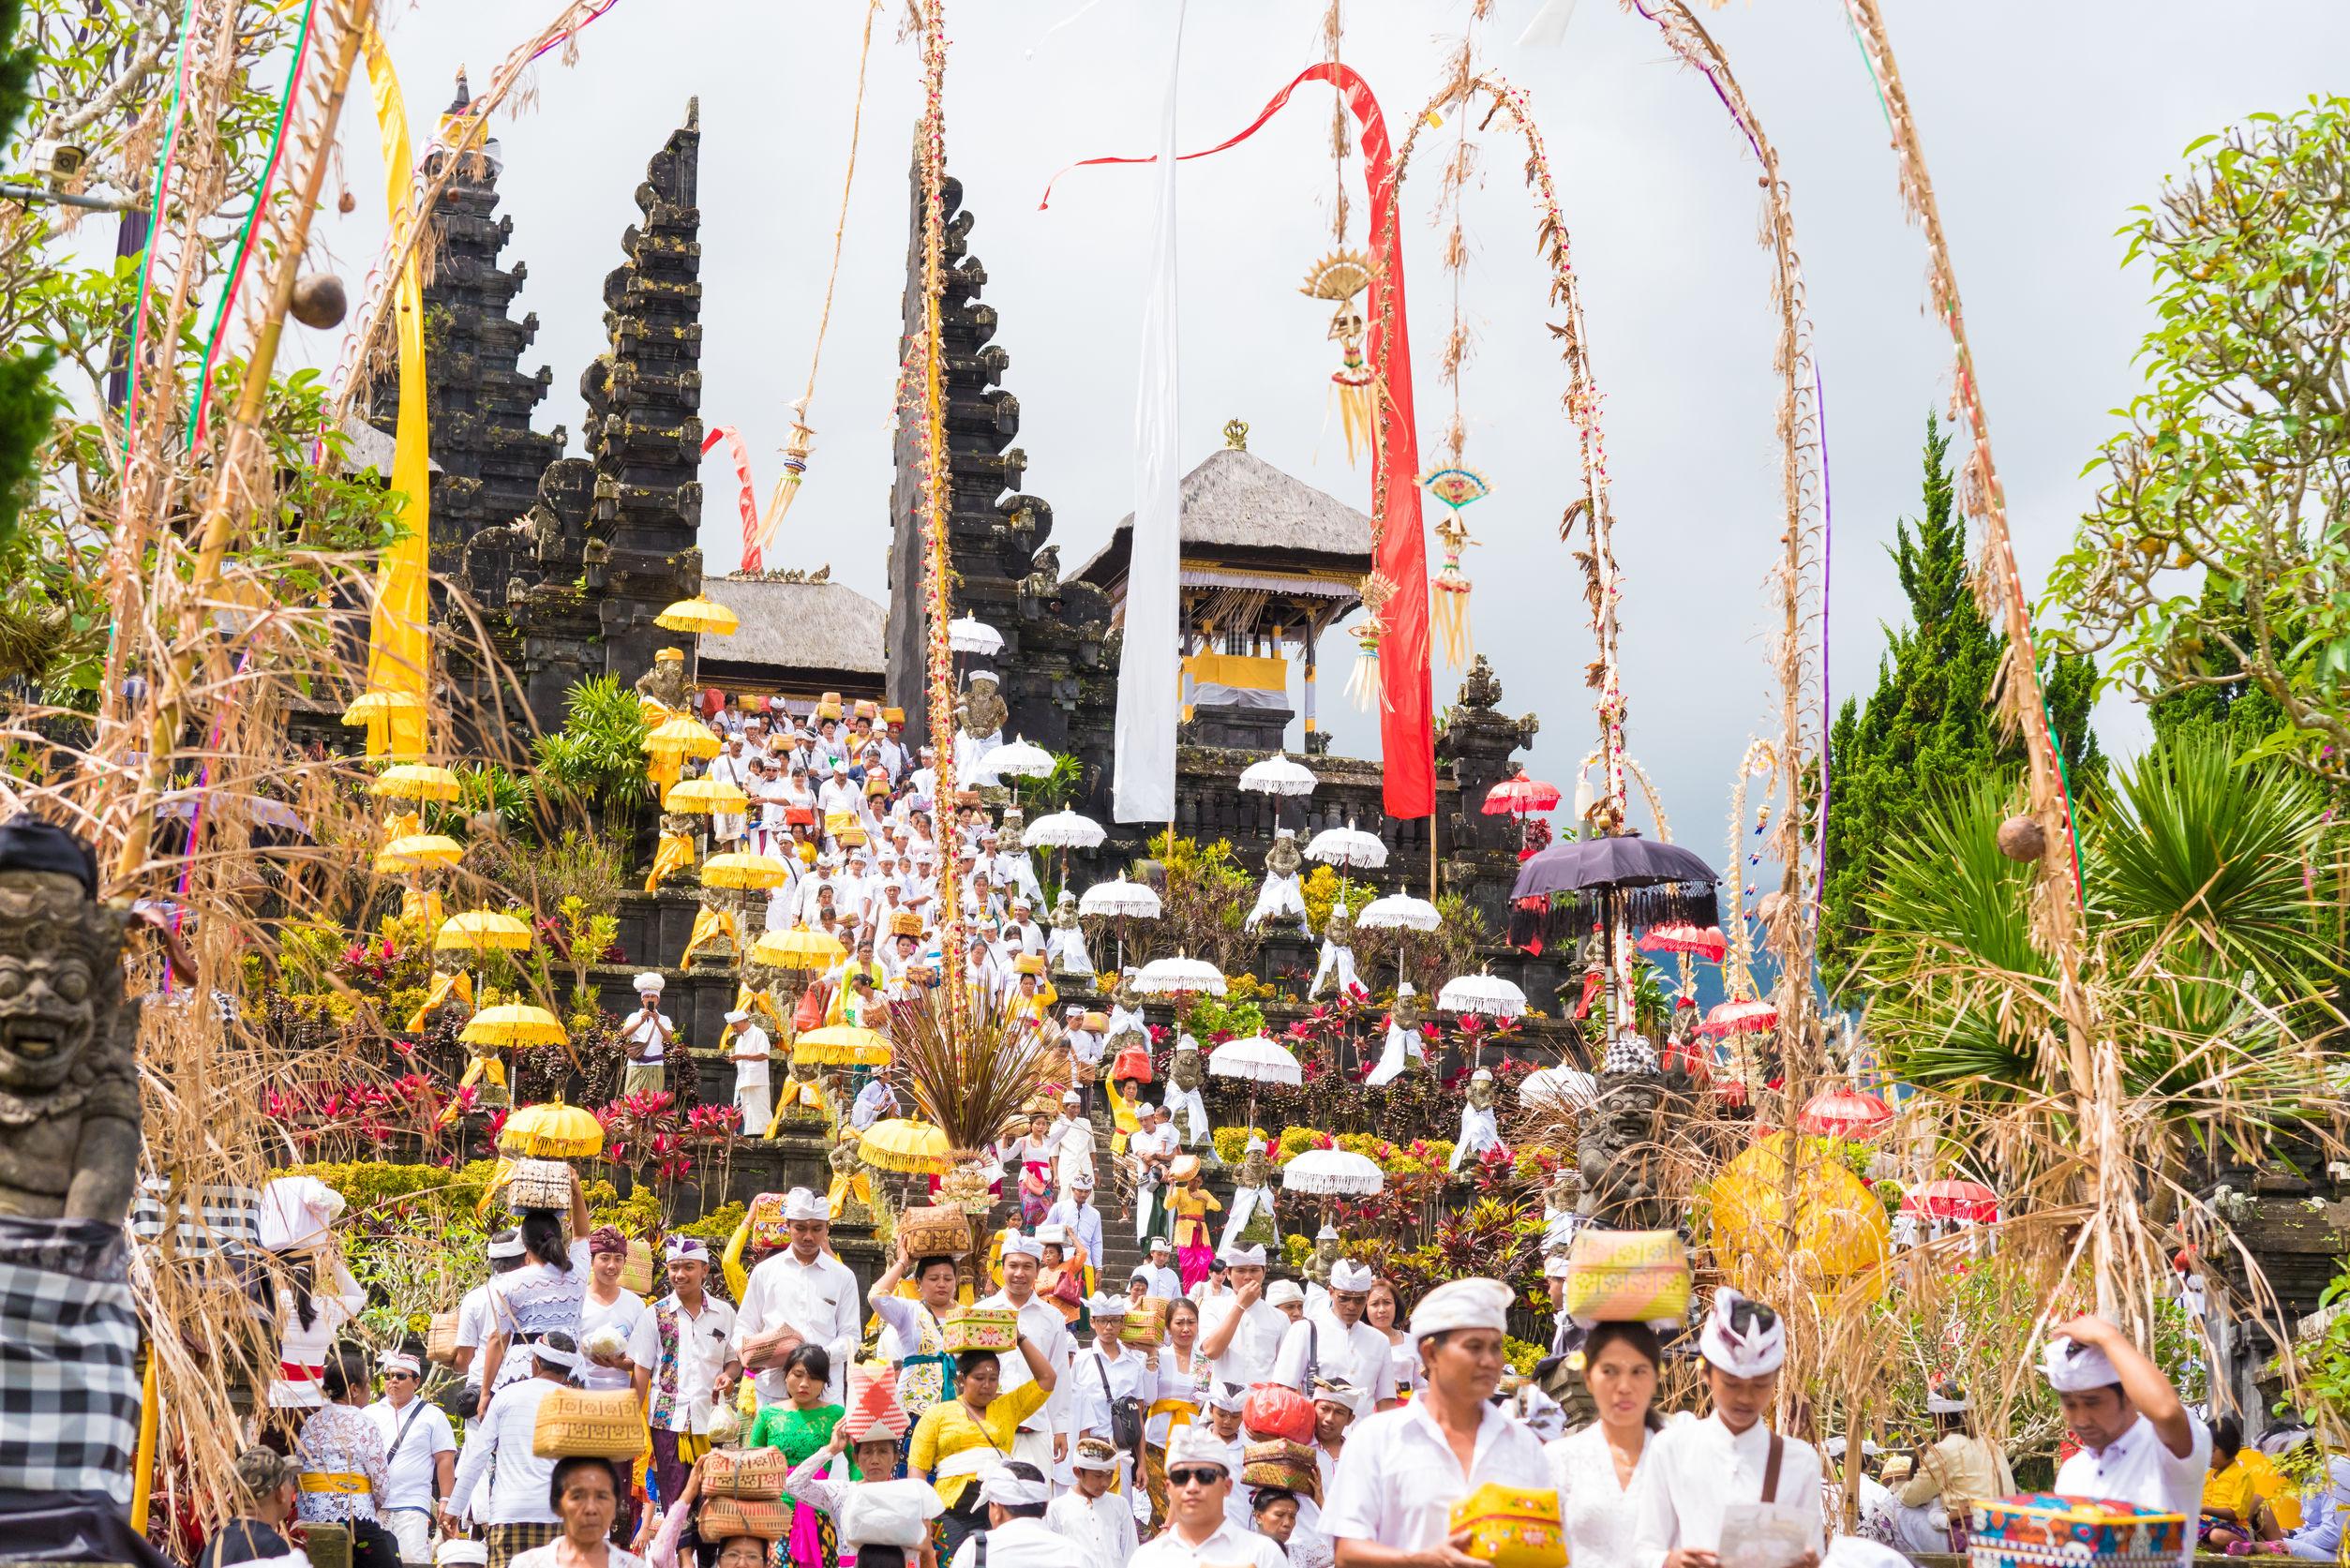 BIMC Siloam Nusa Dua Embraces Hindu Culture & Heritage